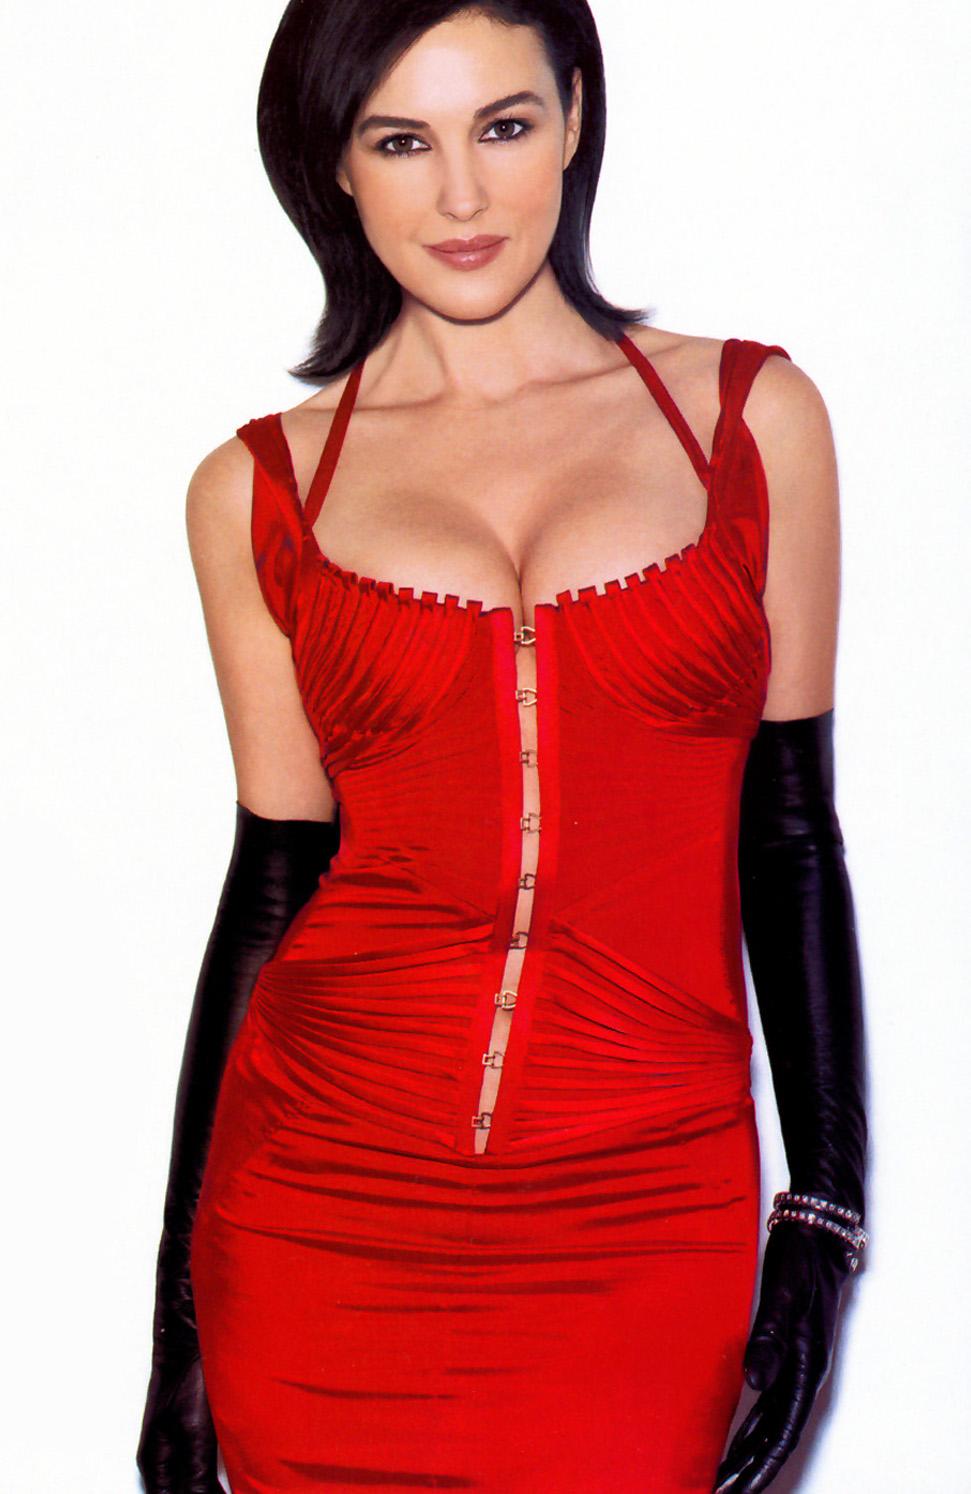 Monica Bellucci Hottest